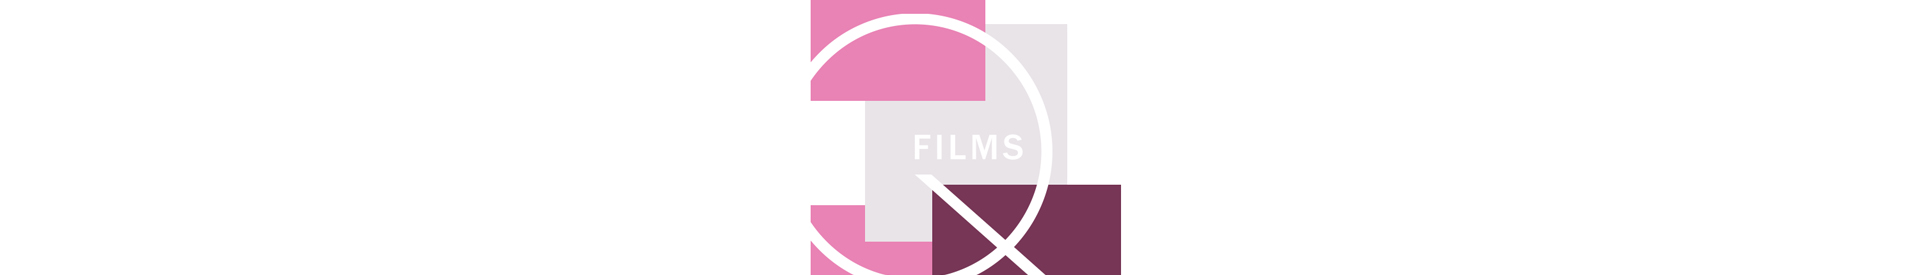 Q Films Festival Program